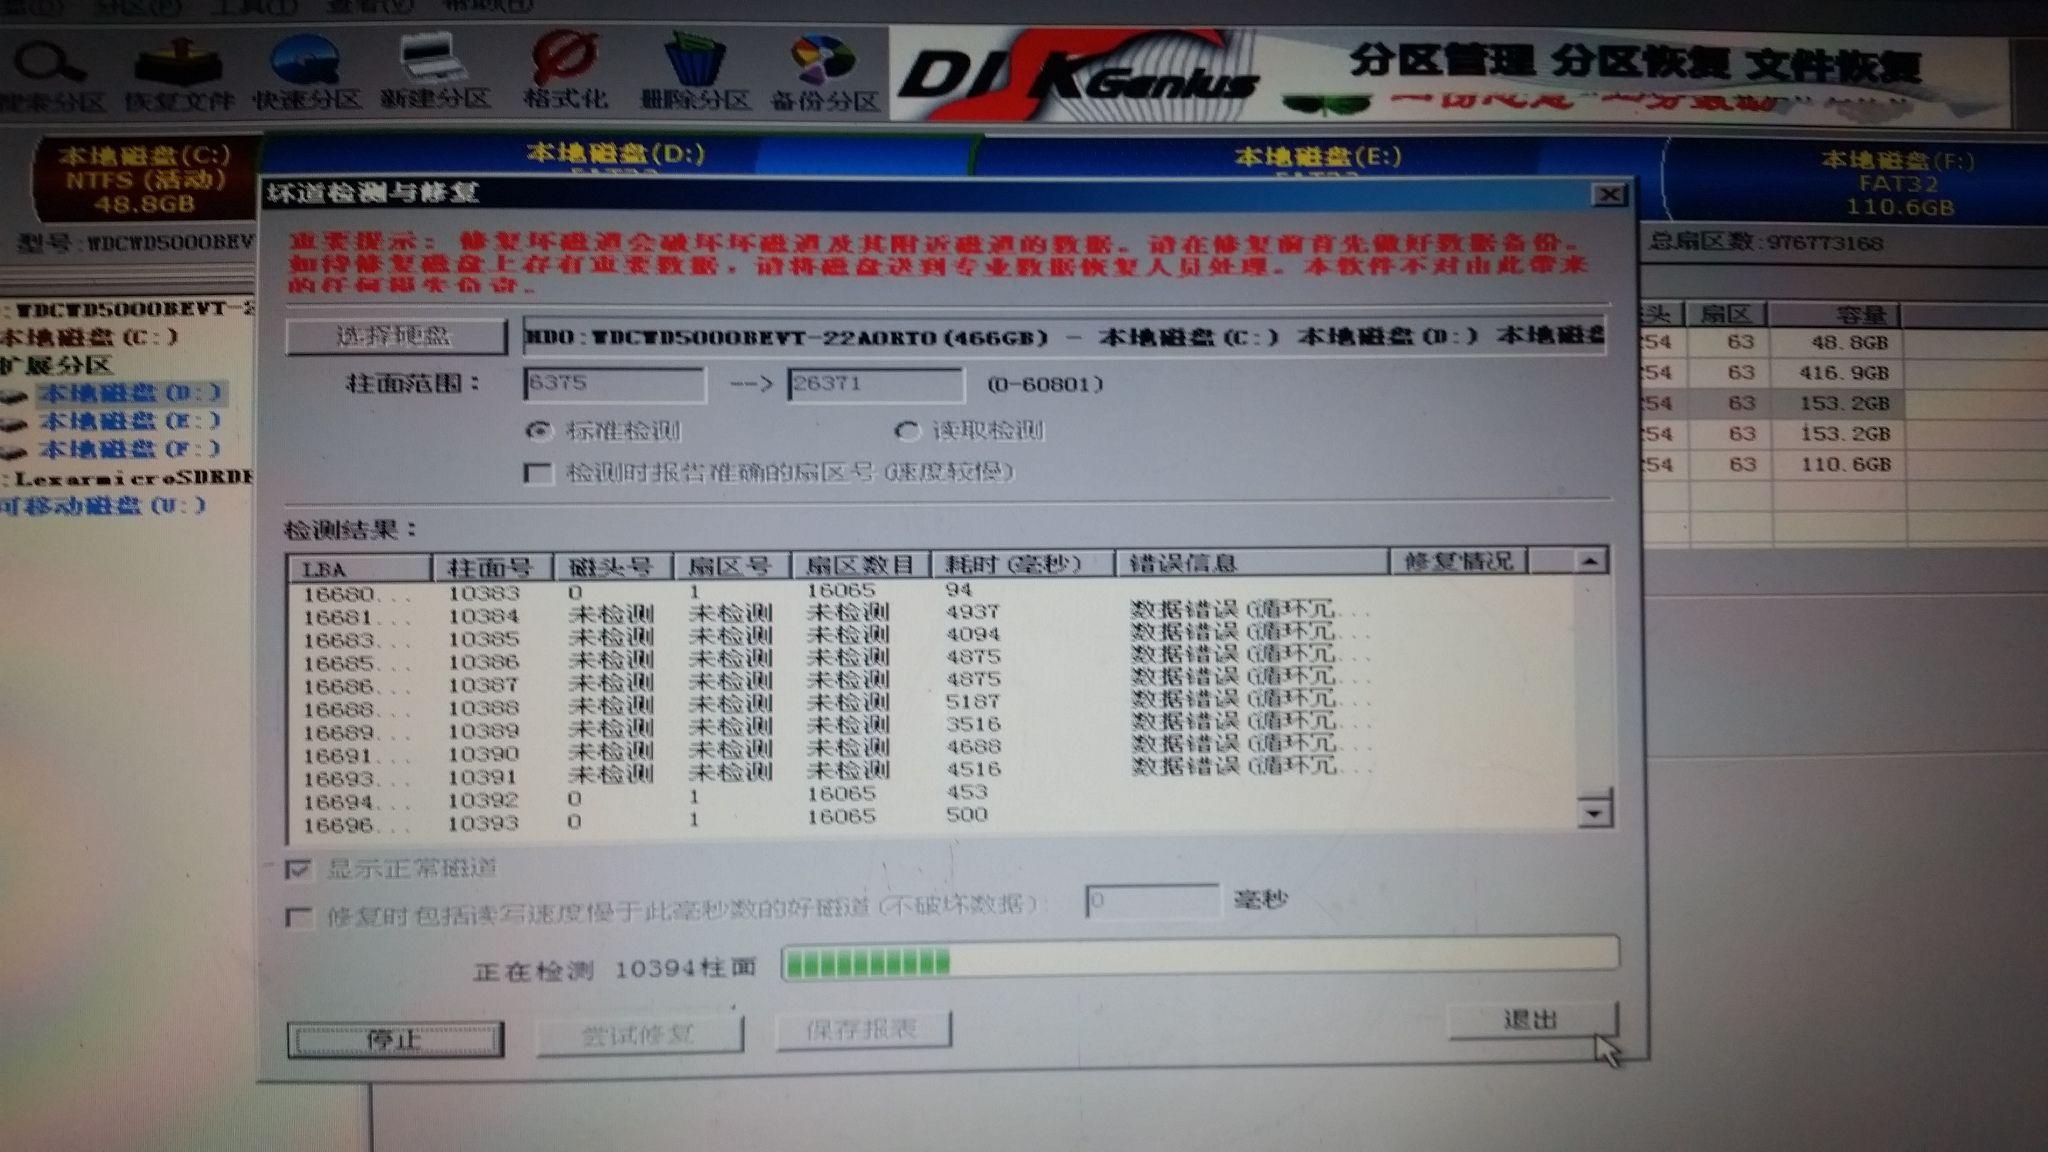 电脑硬盘 数据错误(循环冗余检查) 怎么办 里面有很多